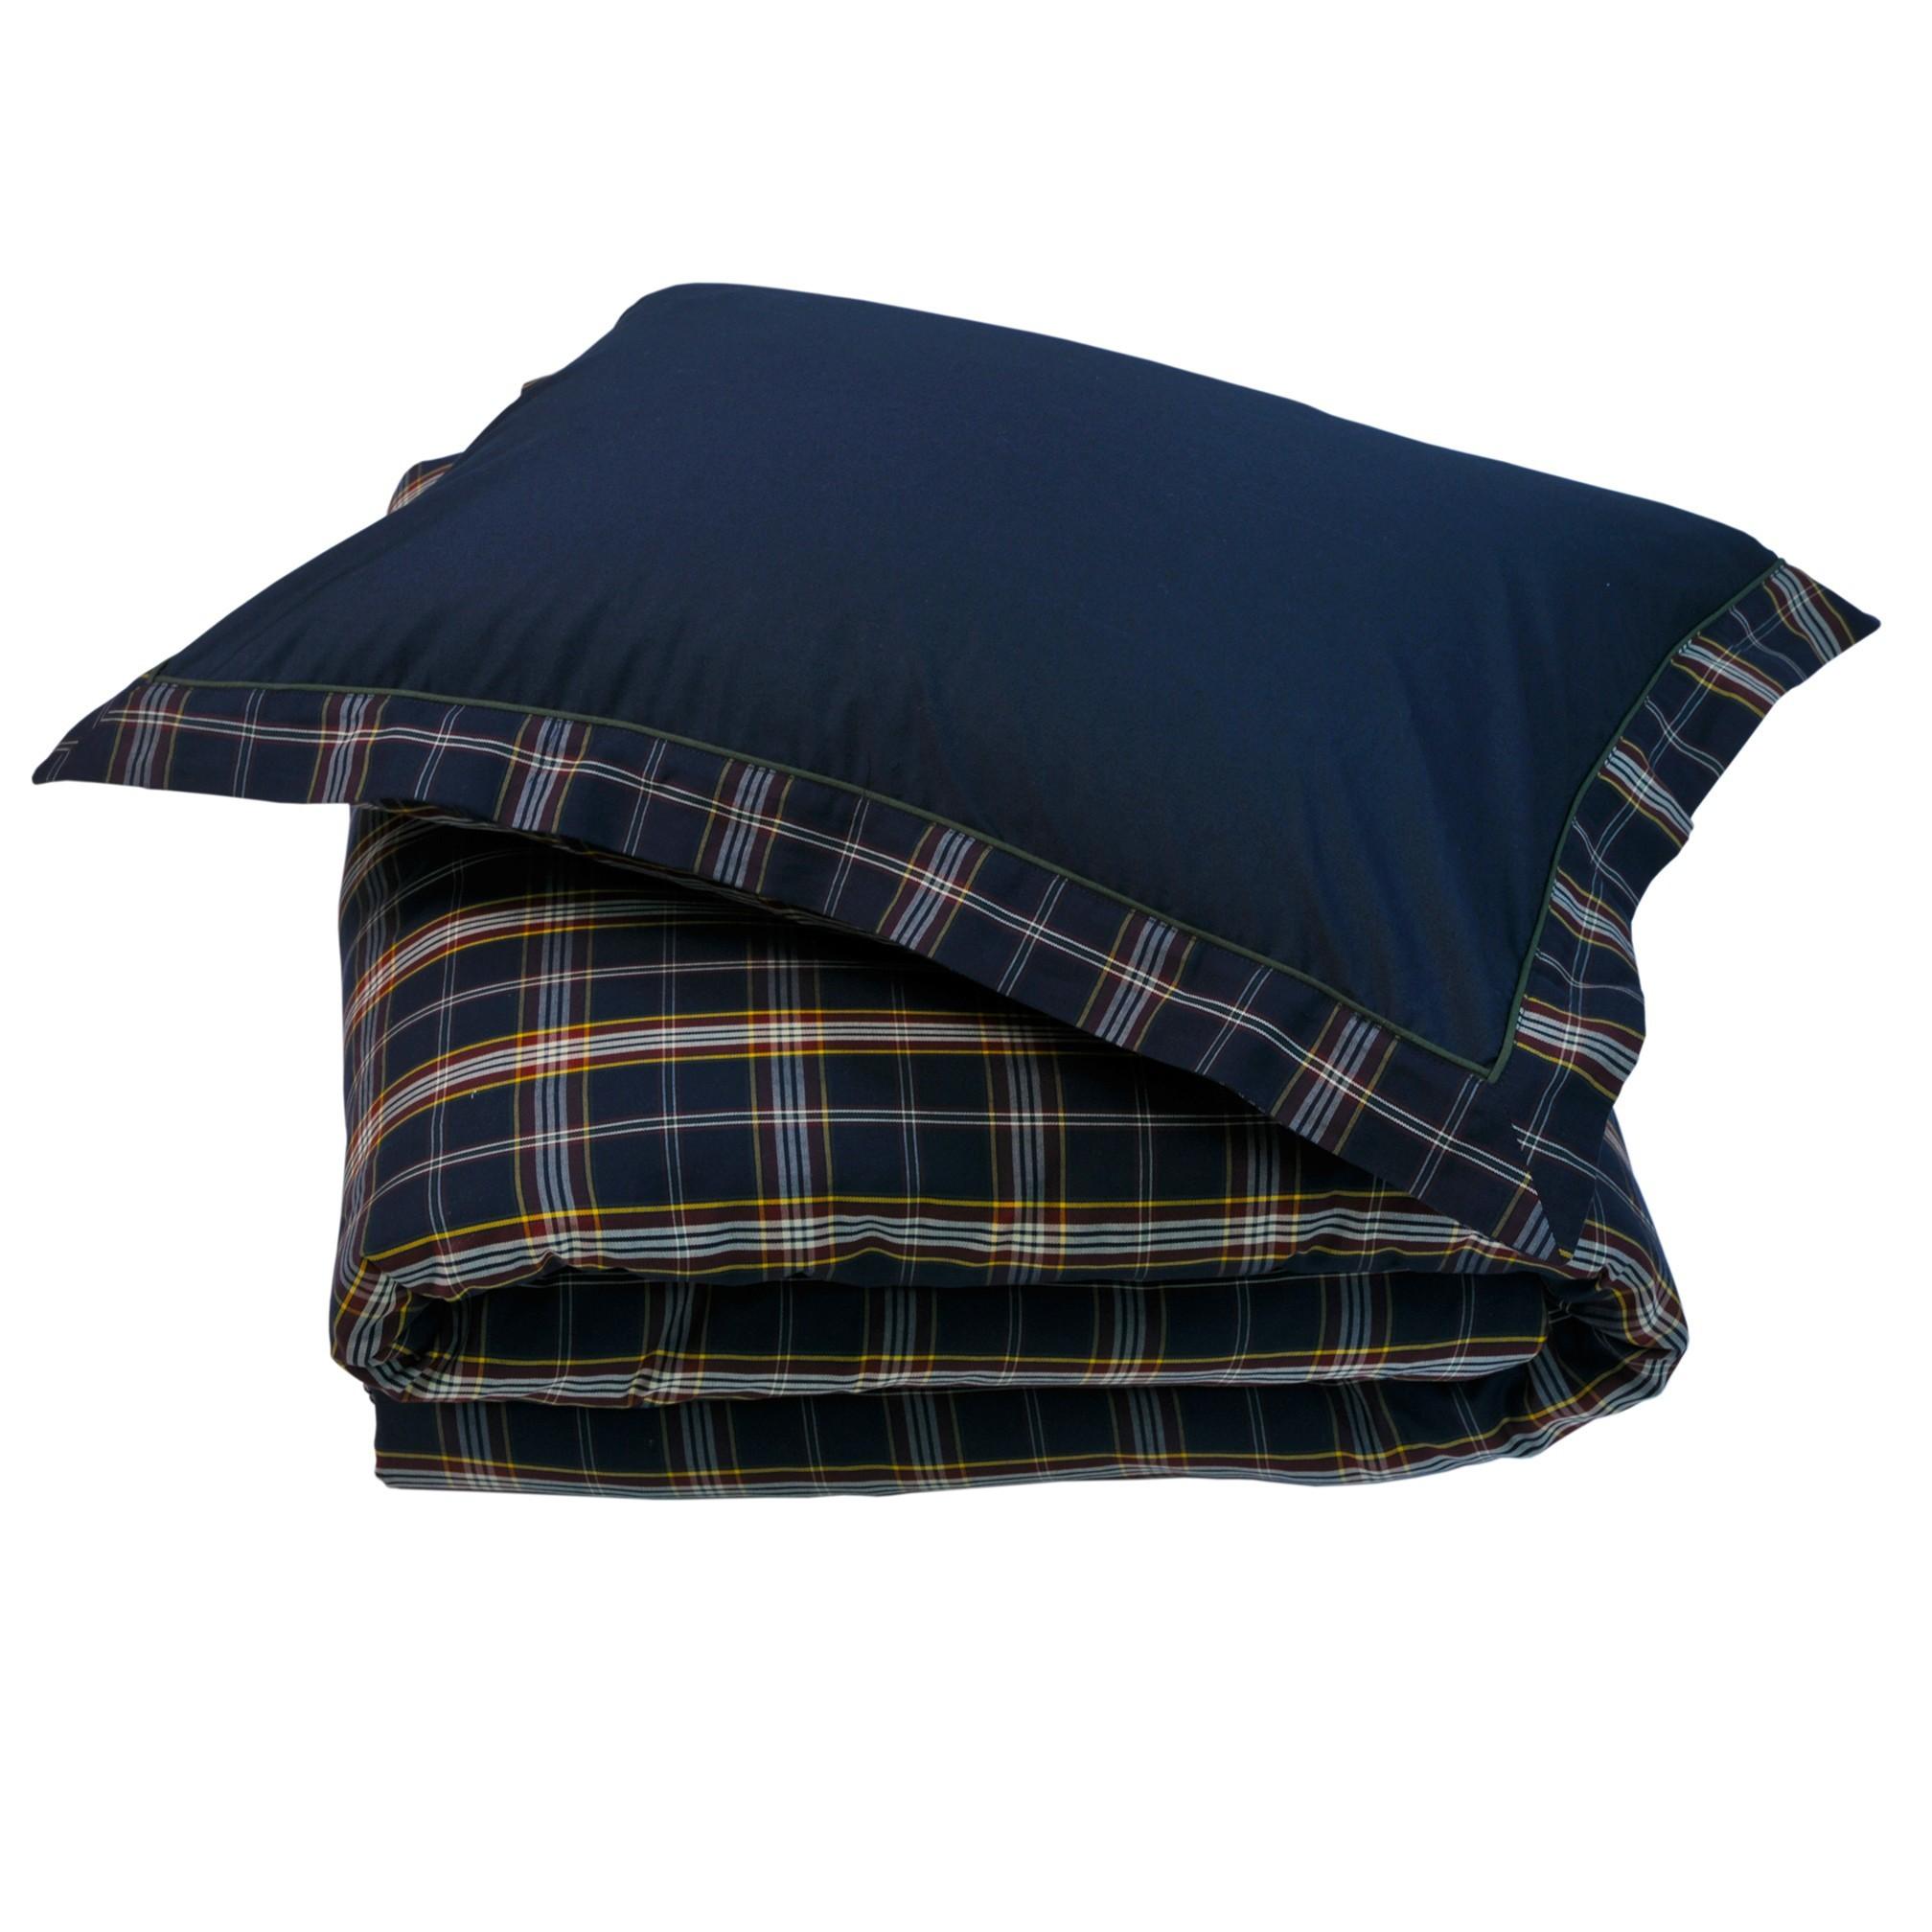 Постельное Постельное белье 2 спальное евро макси Casual Avenue Oxford Navy Tartan темно-синее elitnoe-postelnoe-belie-oxford-navy-tartan-deep-blue-ot-casual-avenue-turtsiya.jpg